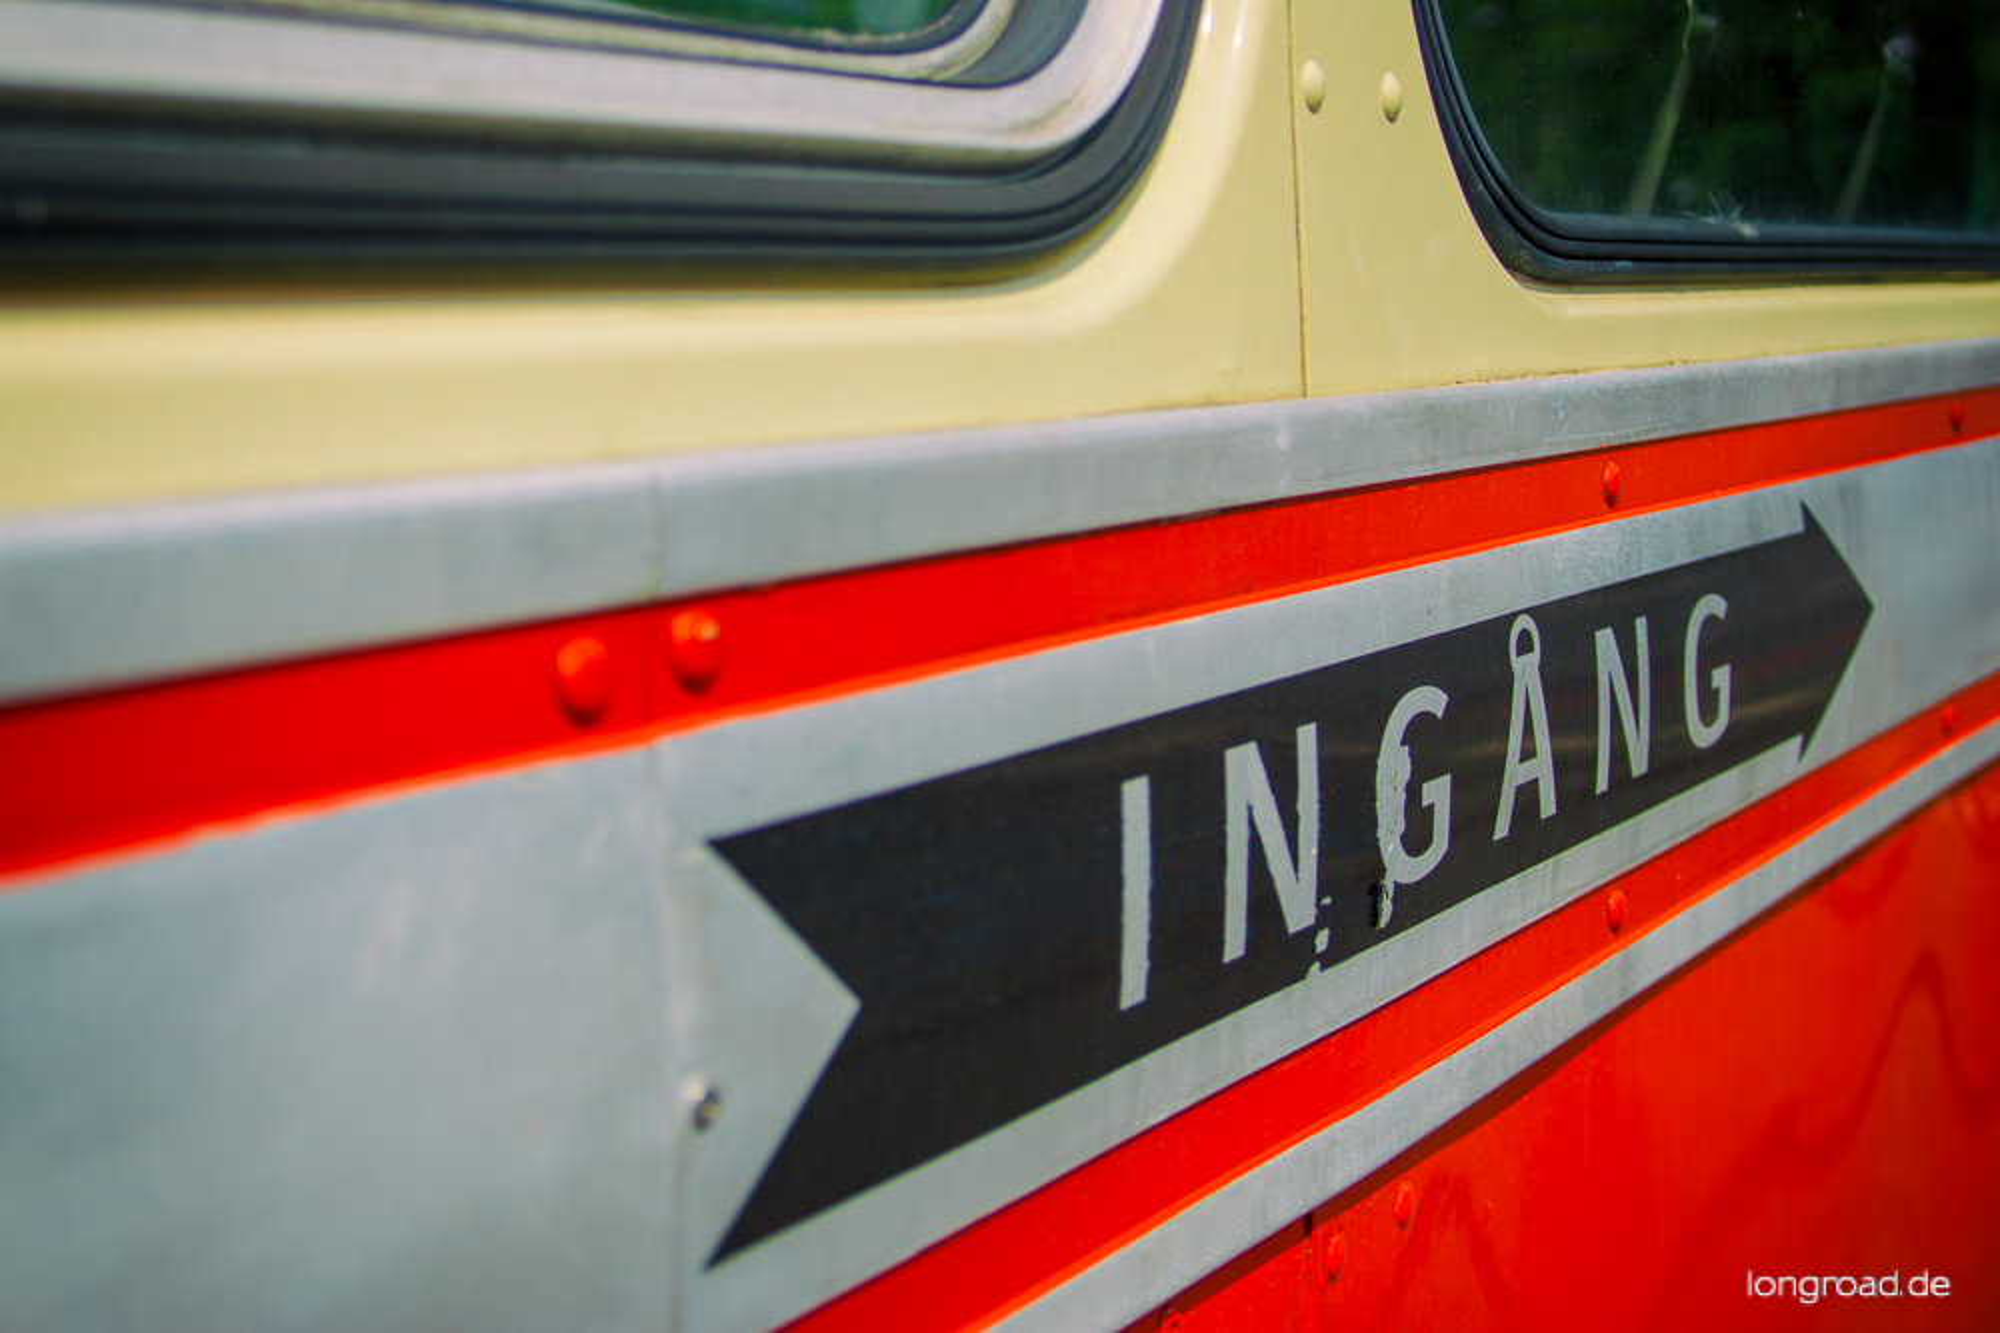 Ingang III